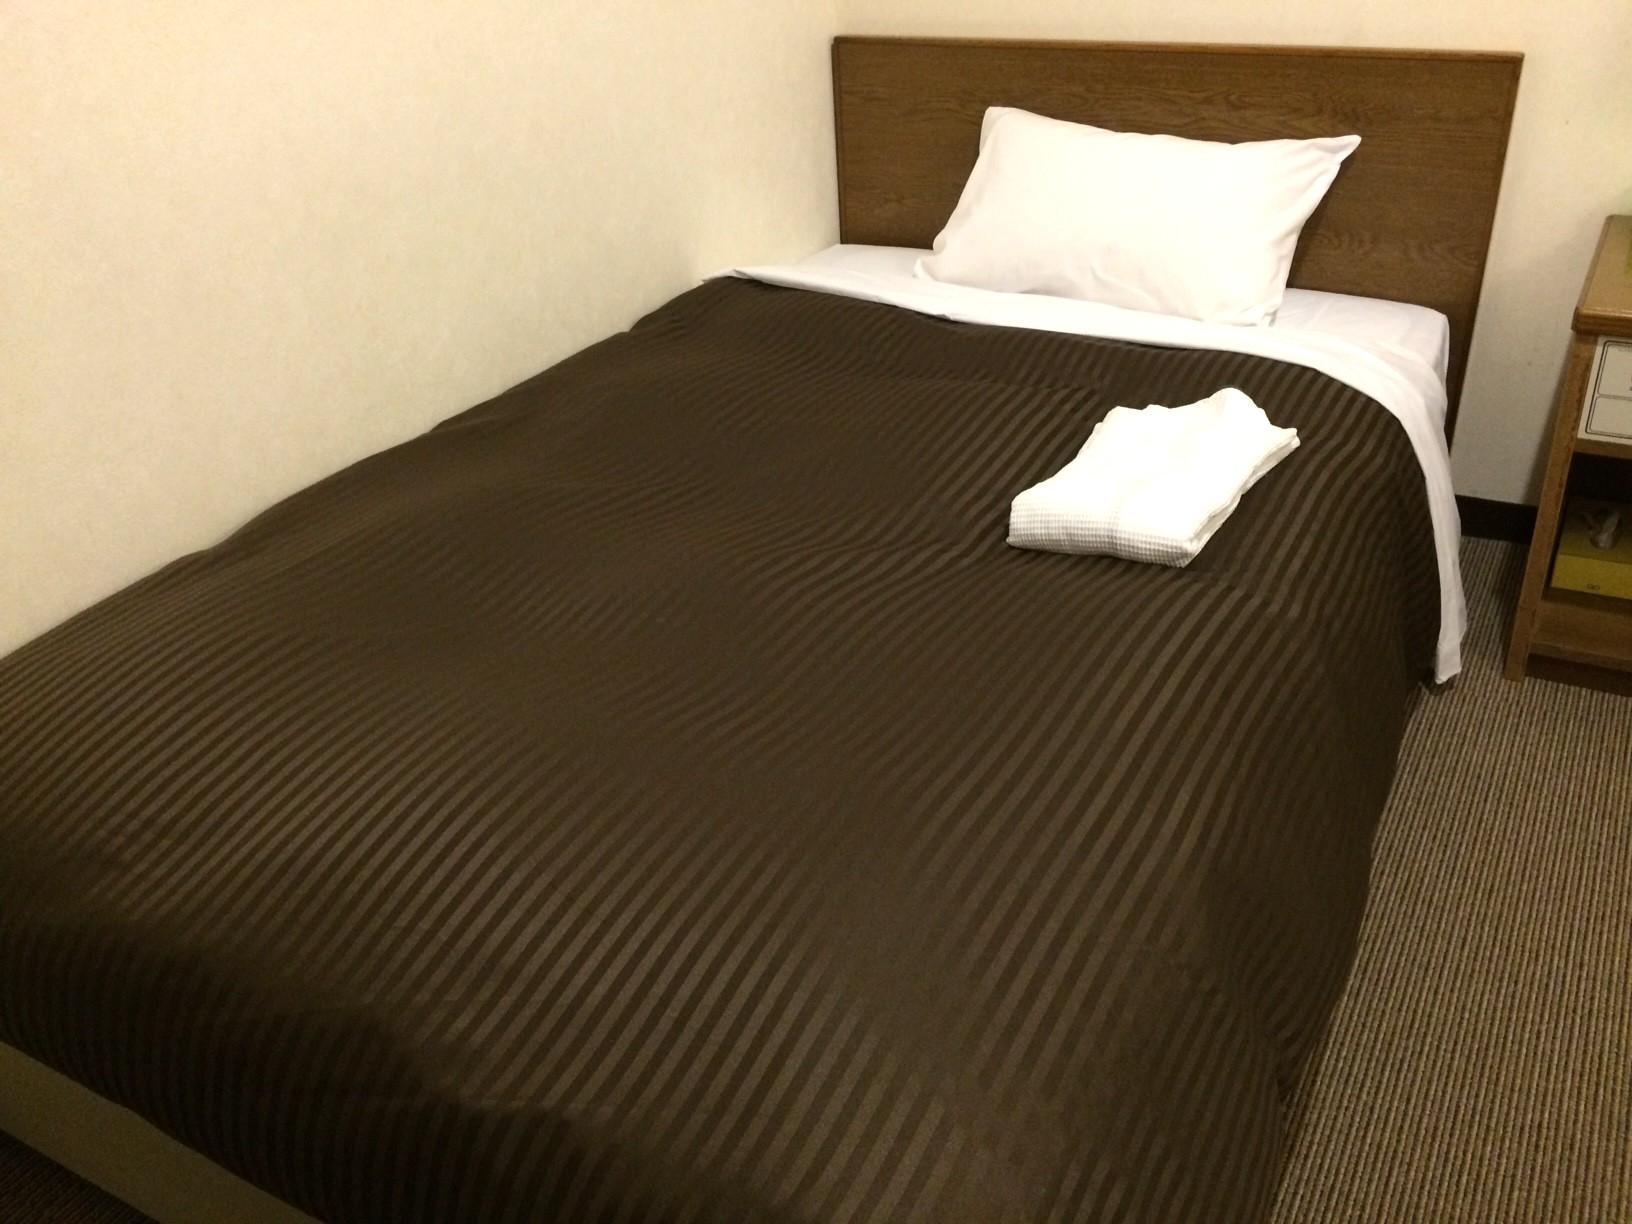 シングルルームです。 落ち着いたブラウン色の布団で心地よい眠りを!